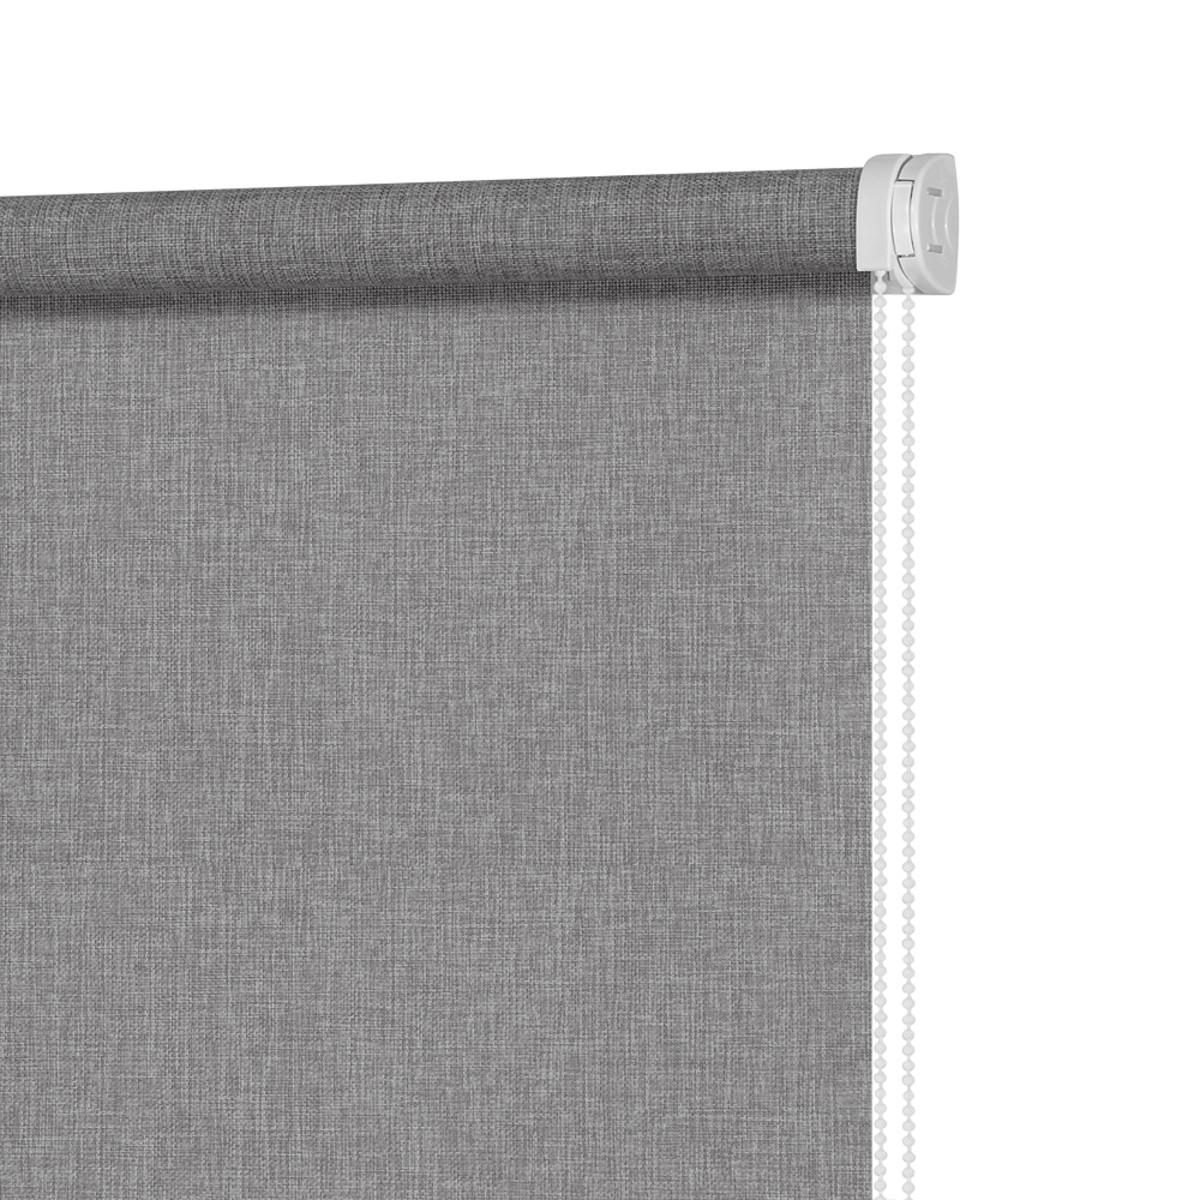 Рулонная Ора Decofest Фелиса 70Х160 Цвет Серый